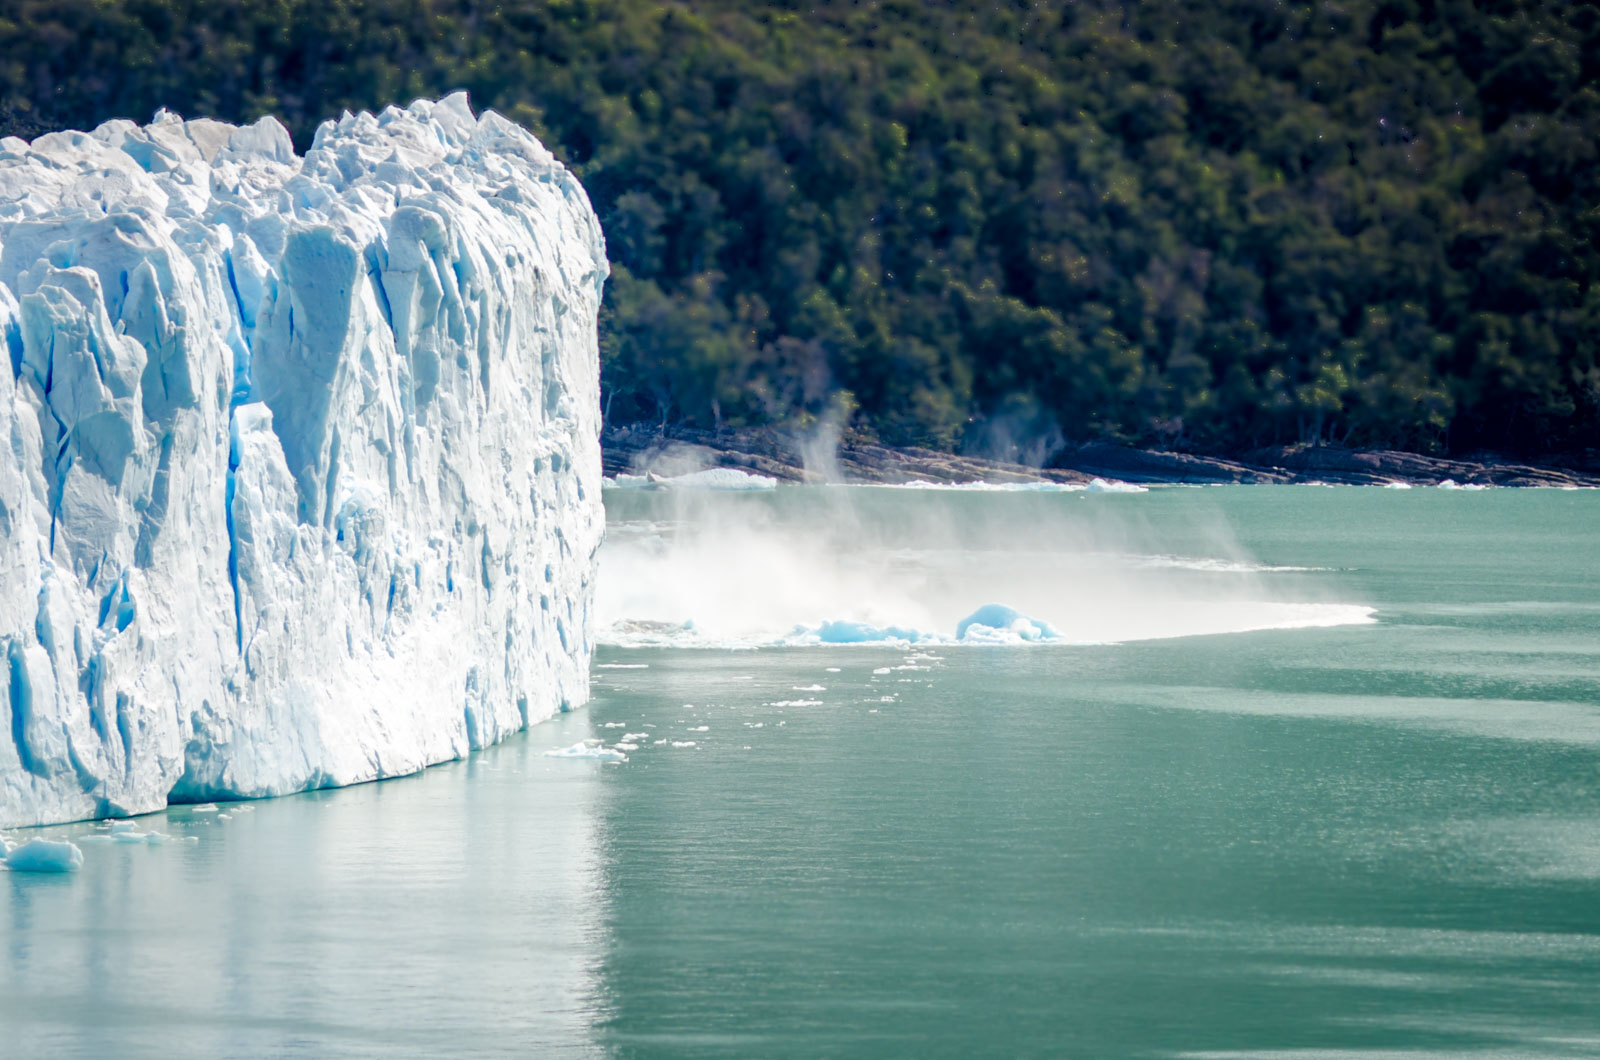 desplome en el glaciar